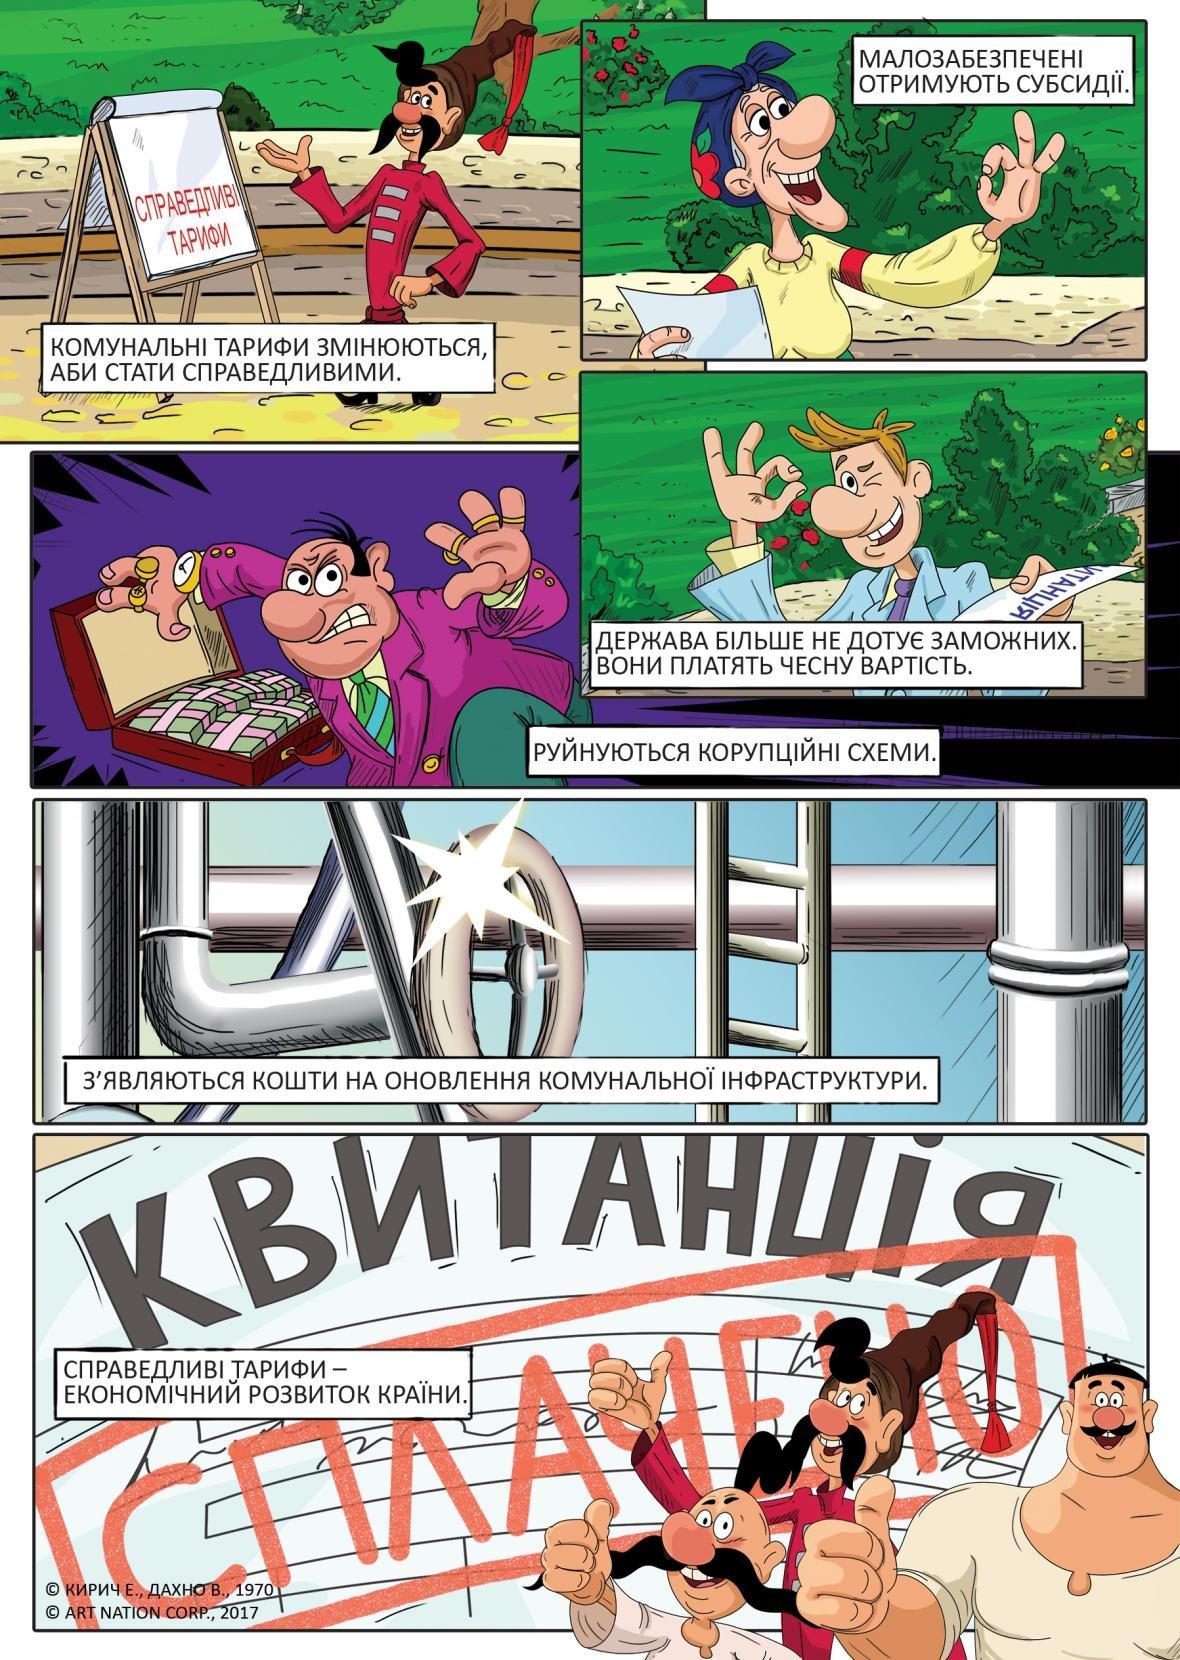 Легендарный мультфильм «Как казаки ...» интерпретировали в комиксах о тарифах, фото-1